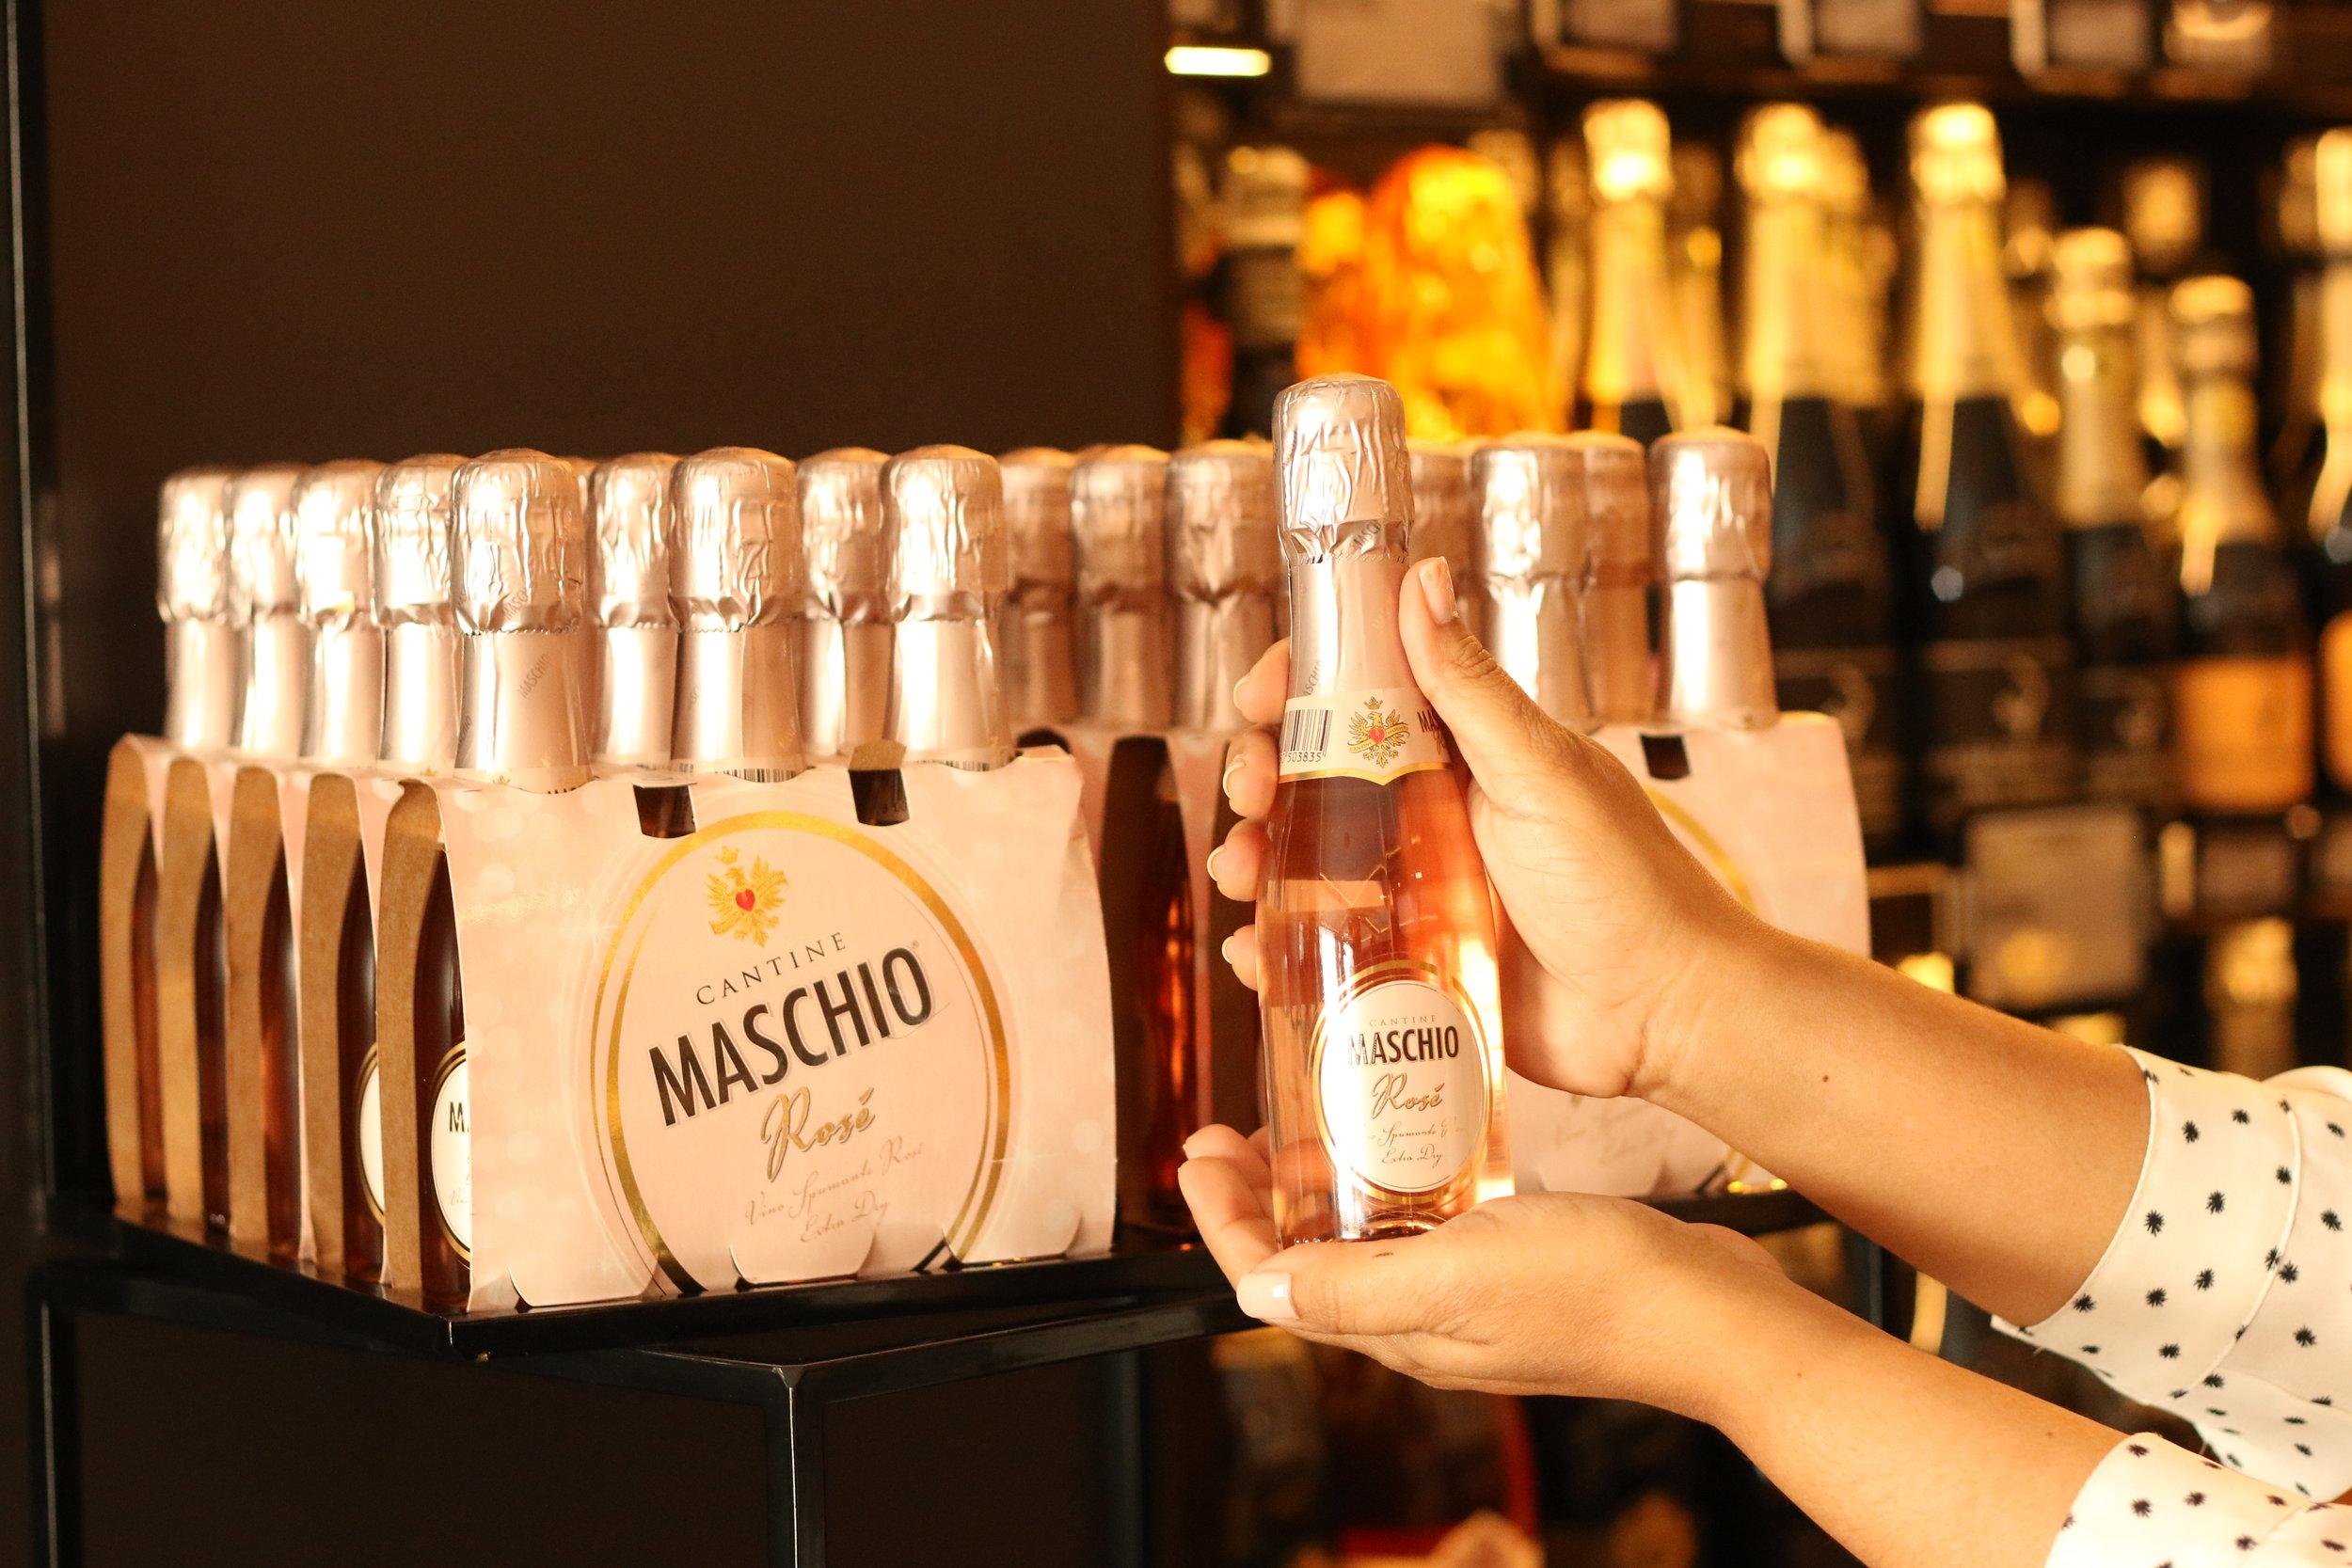 El  Maschio Rosé  en la presentación de los botellines siempre es una buena opción, puedes combinar calimete o sorbete metálico con un lazo.